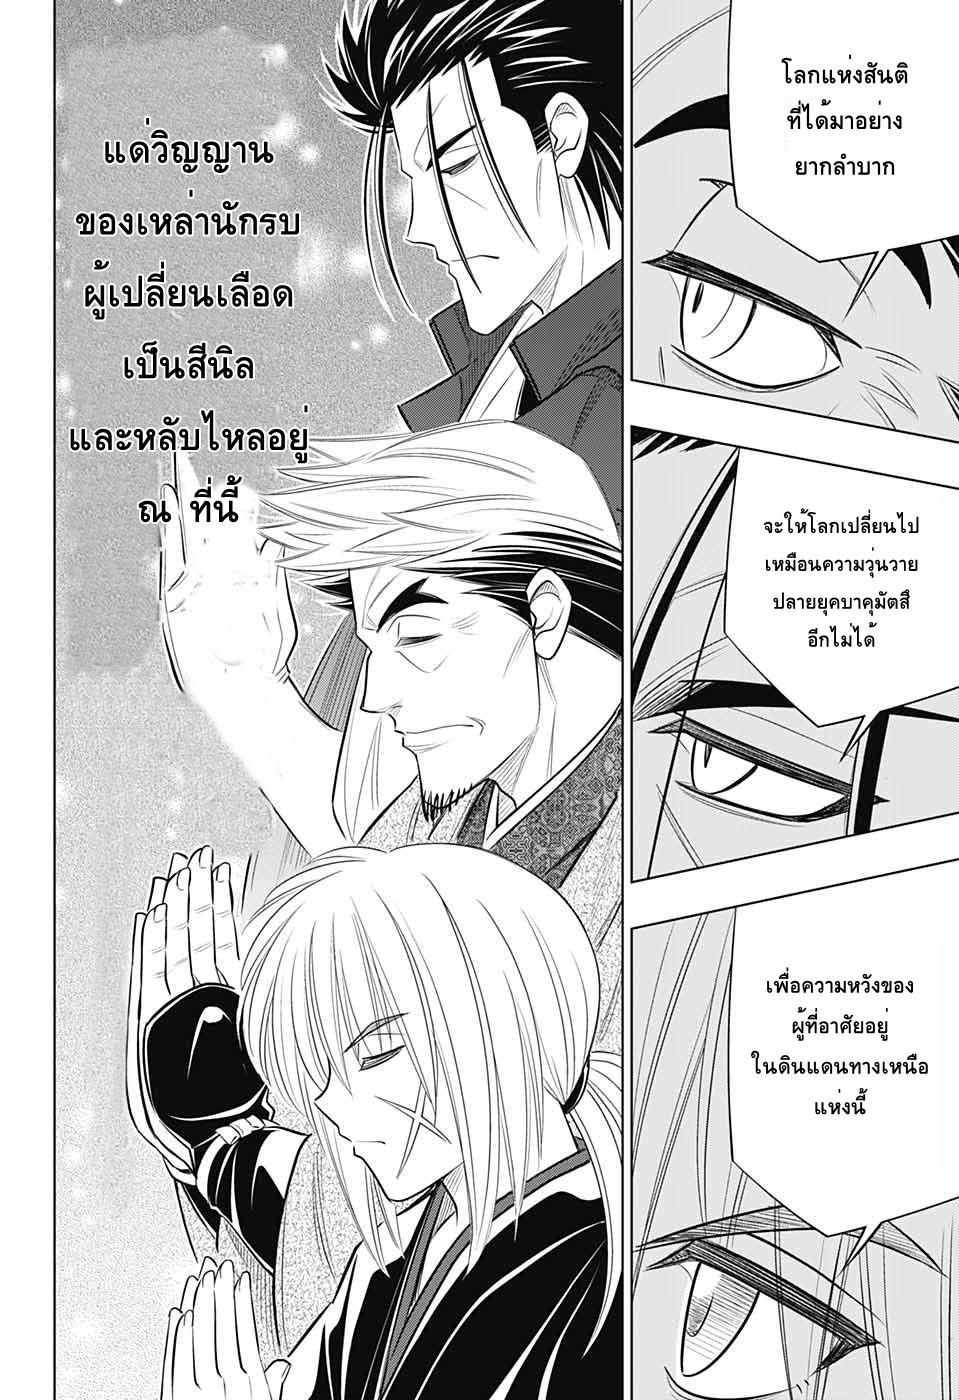 อ่านการ์ตูน Rurouni Kenshin: Hokkaido Arc ตอนที่ 15 หน้าที่ 19